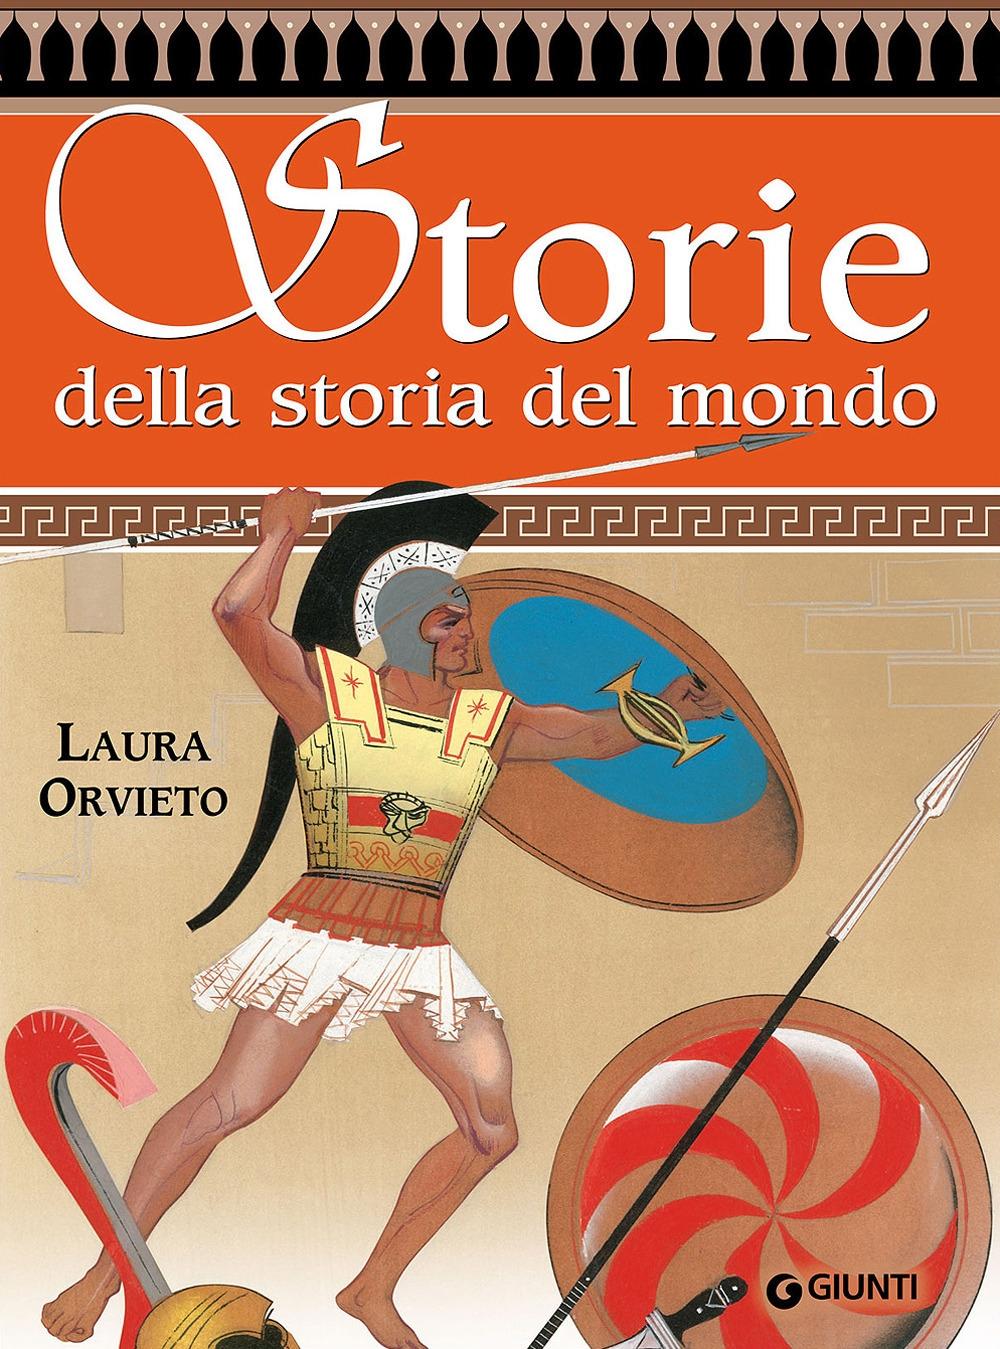 Storie della storia del mondo.